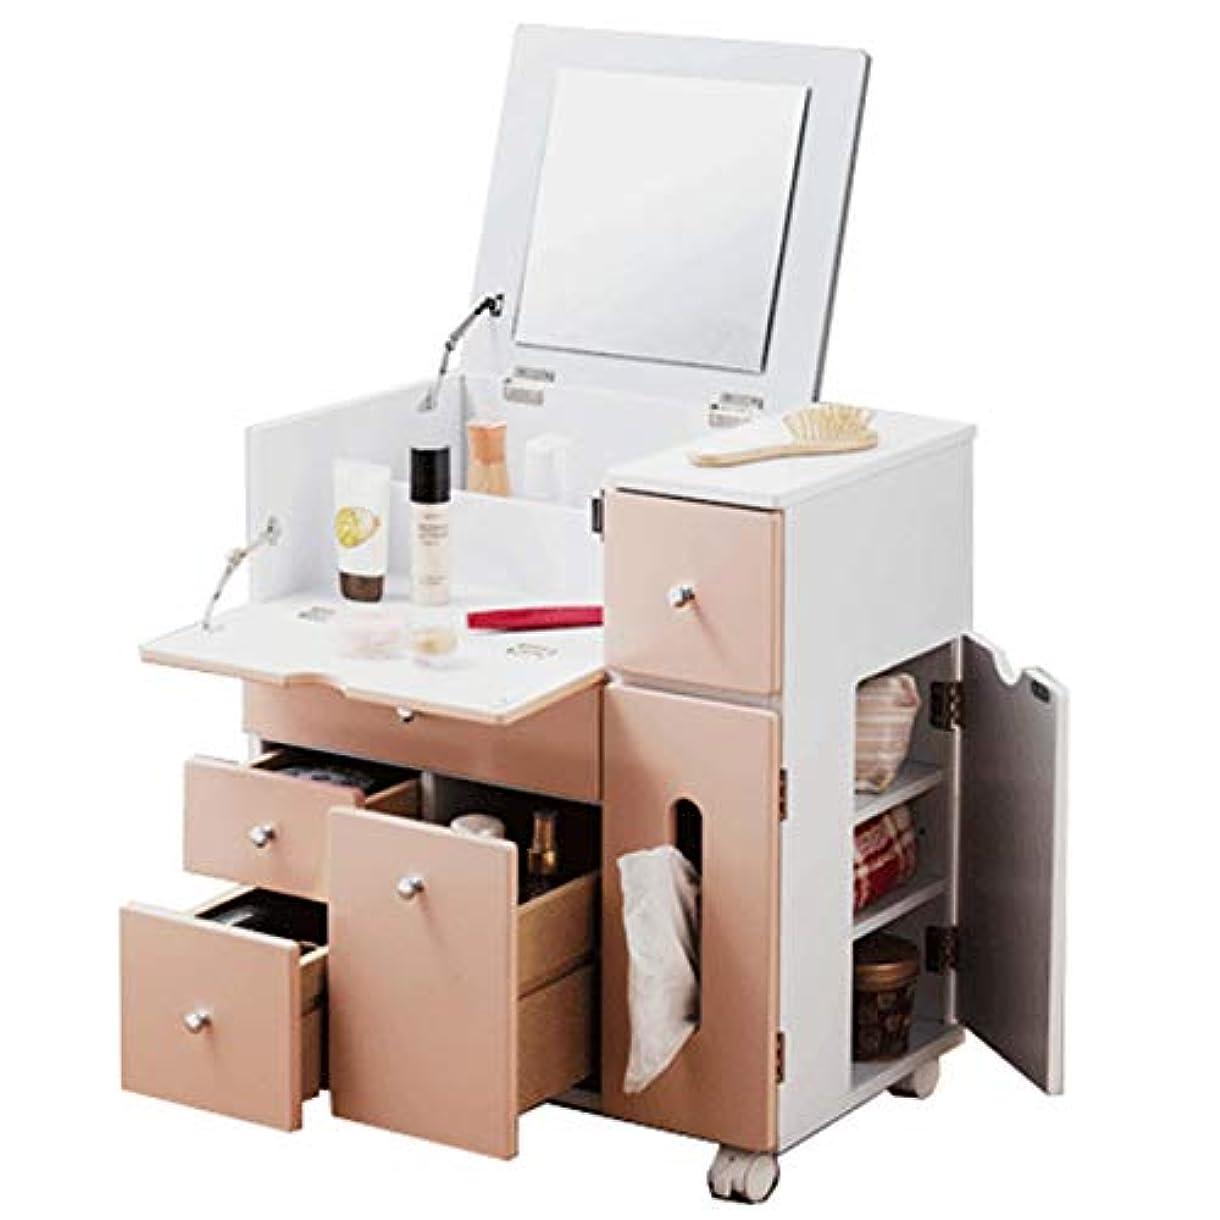 ホイットニー回路余韻完成品 コスメワゴン コスメボックス 鏡台 ミラー 収納 シンプル 木製 Cosmetics Wagon メイクボックス ピンク